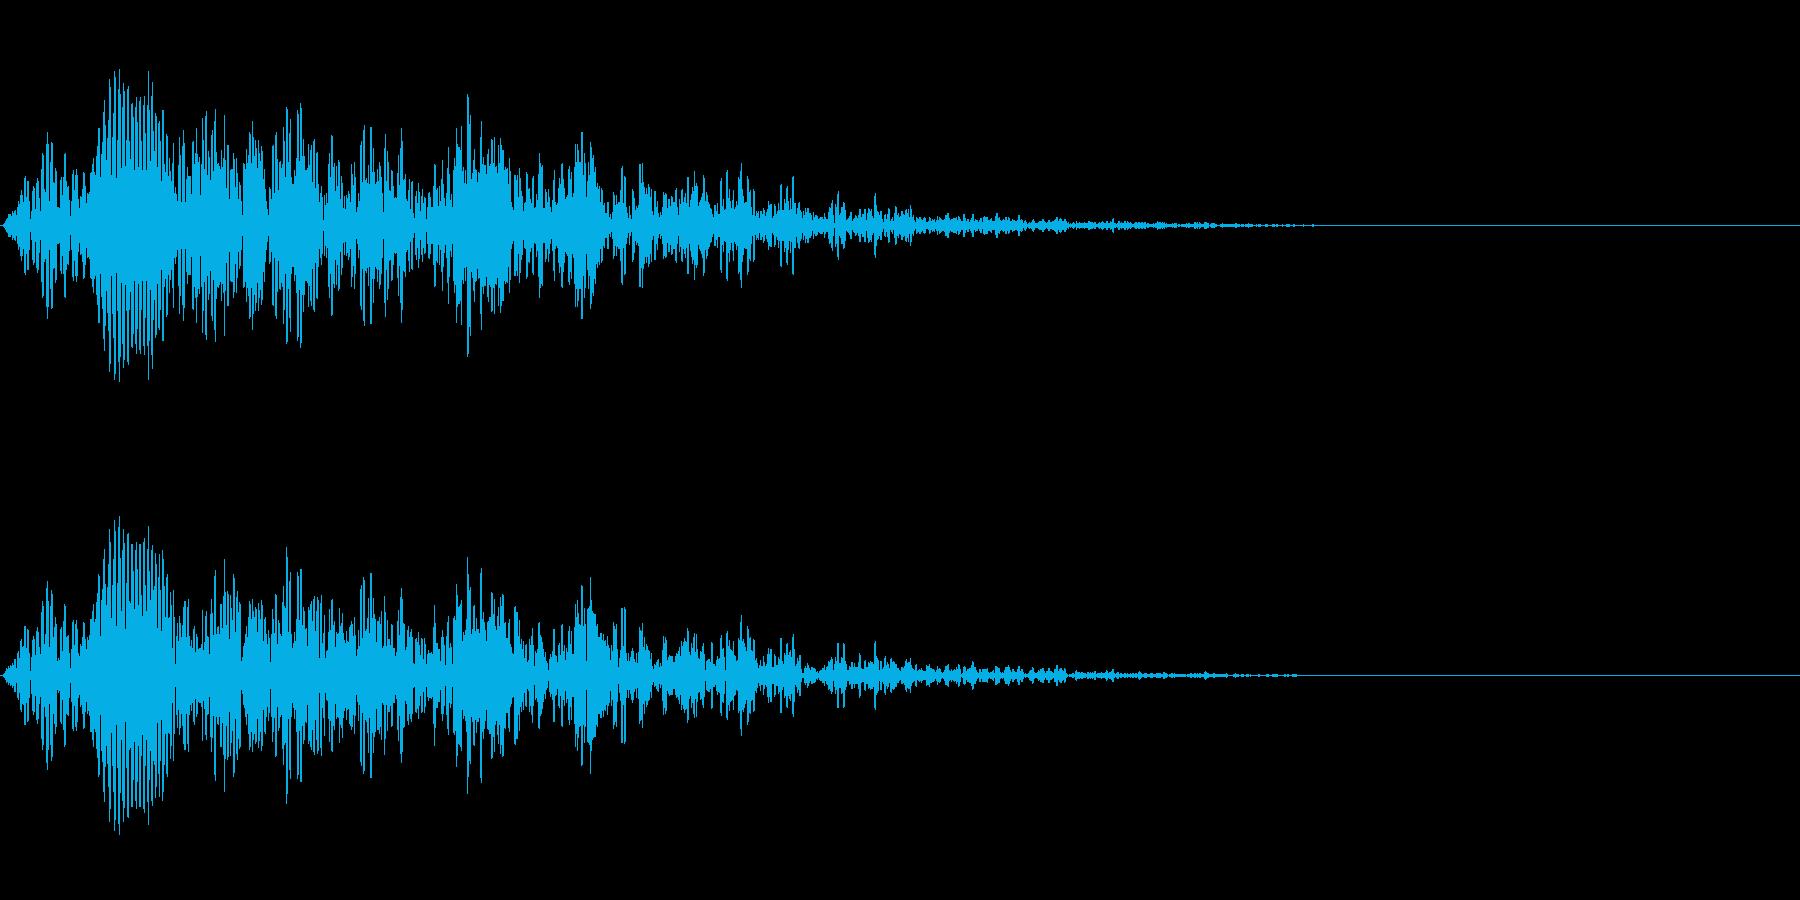 アップリフト系ワンショット(転送)の再生済みの波形